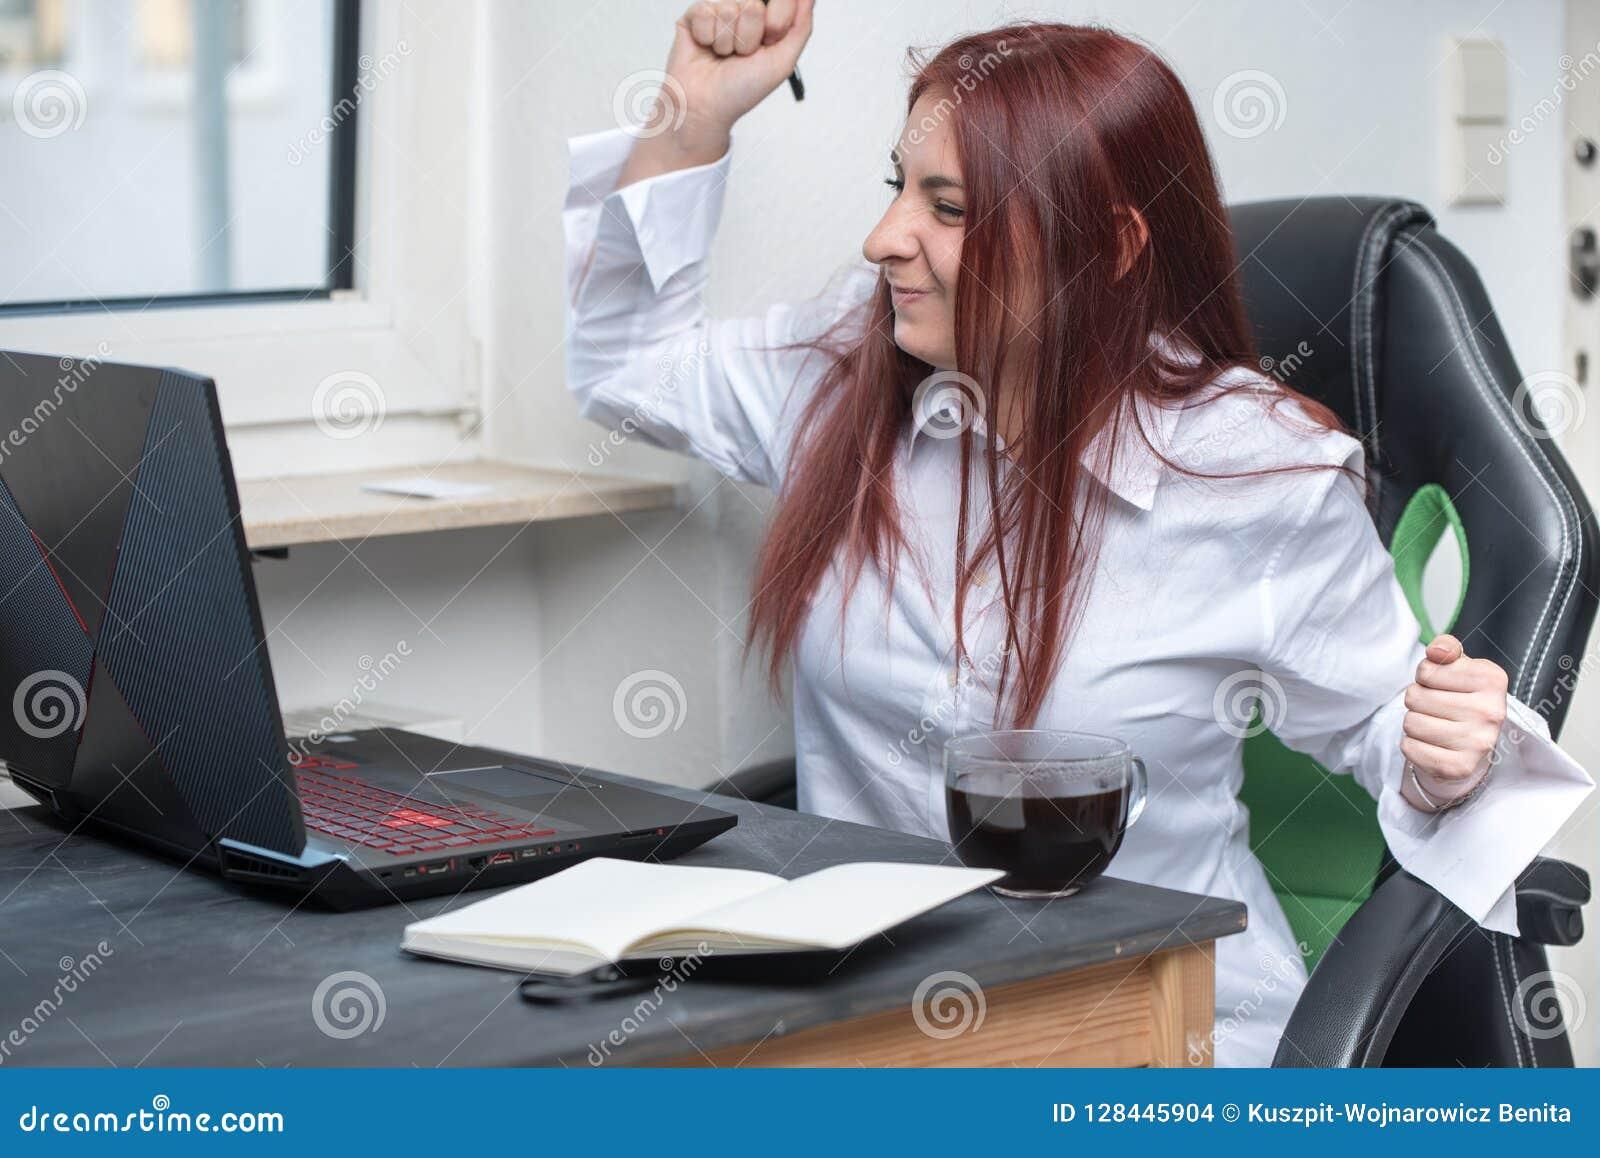 Szczęśliwa kobieta pracująca, mały biznes